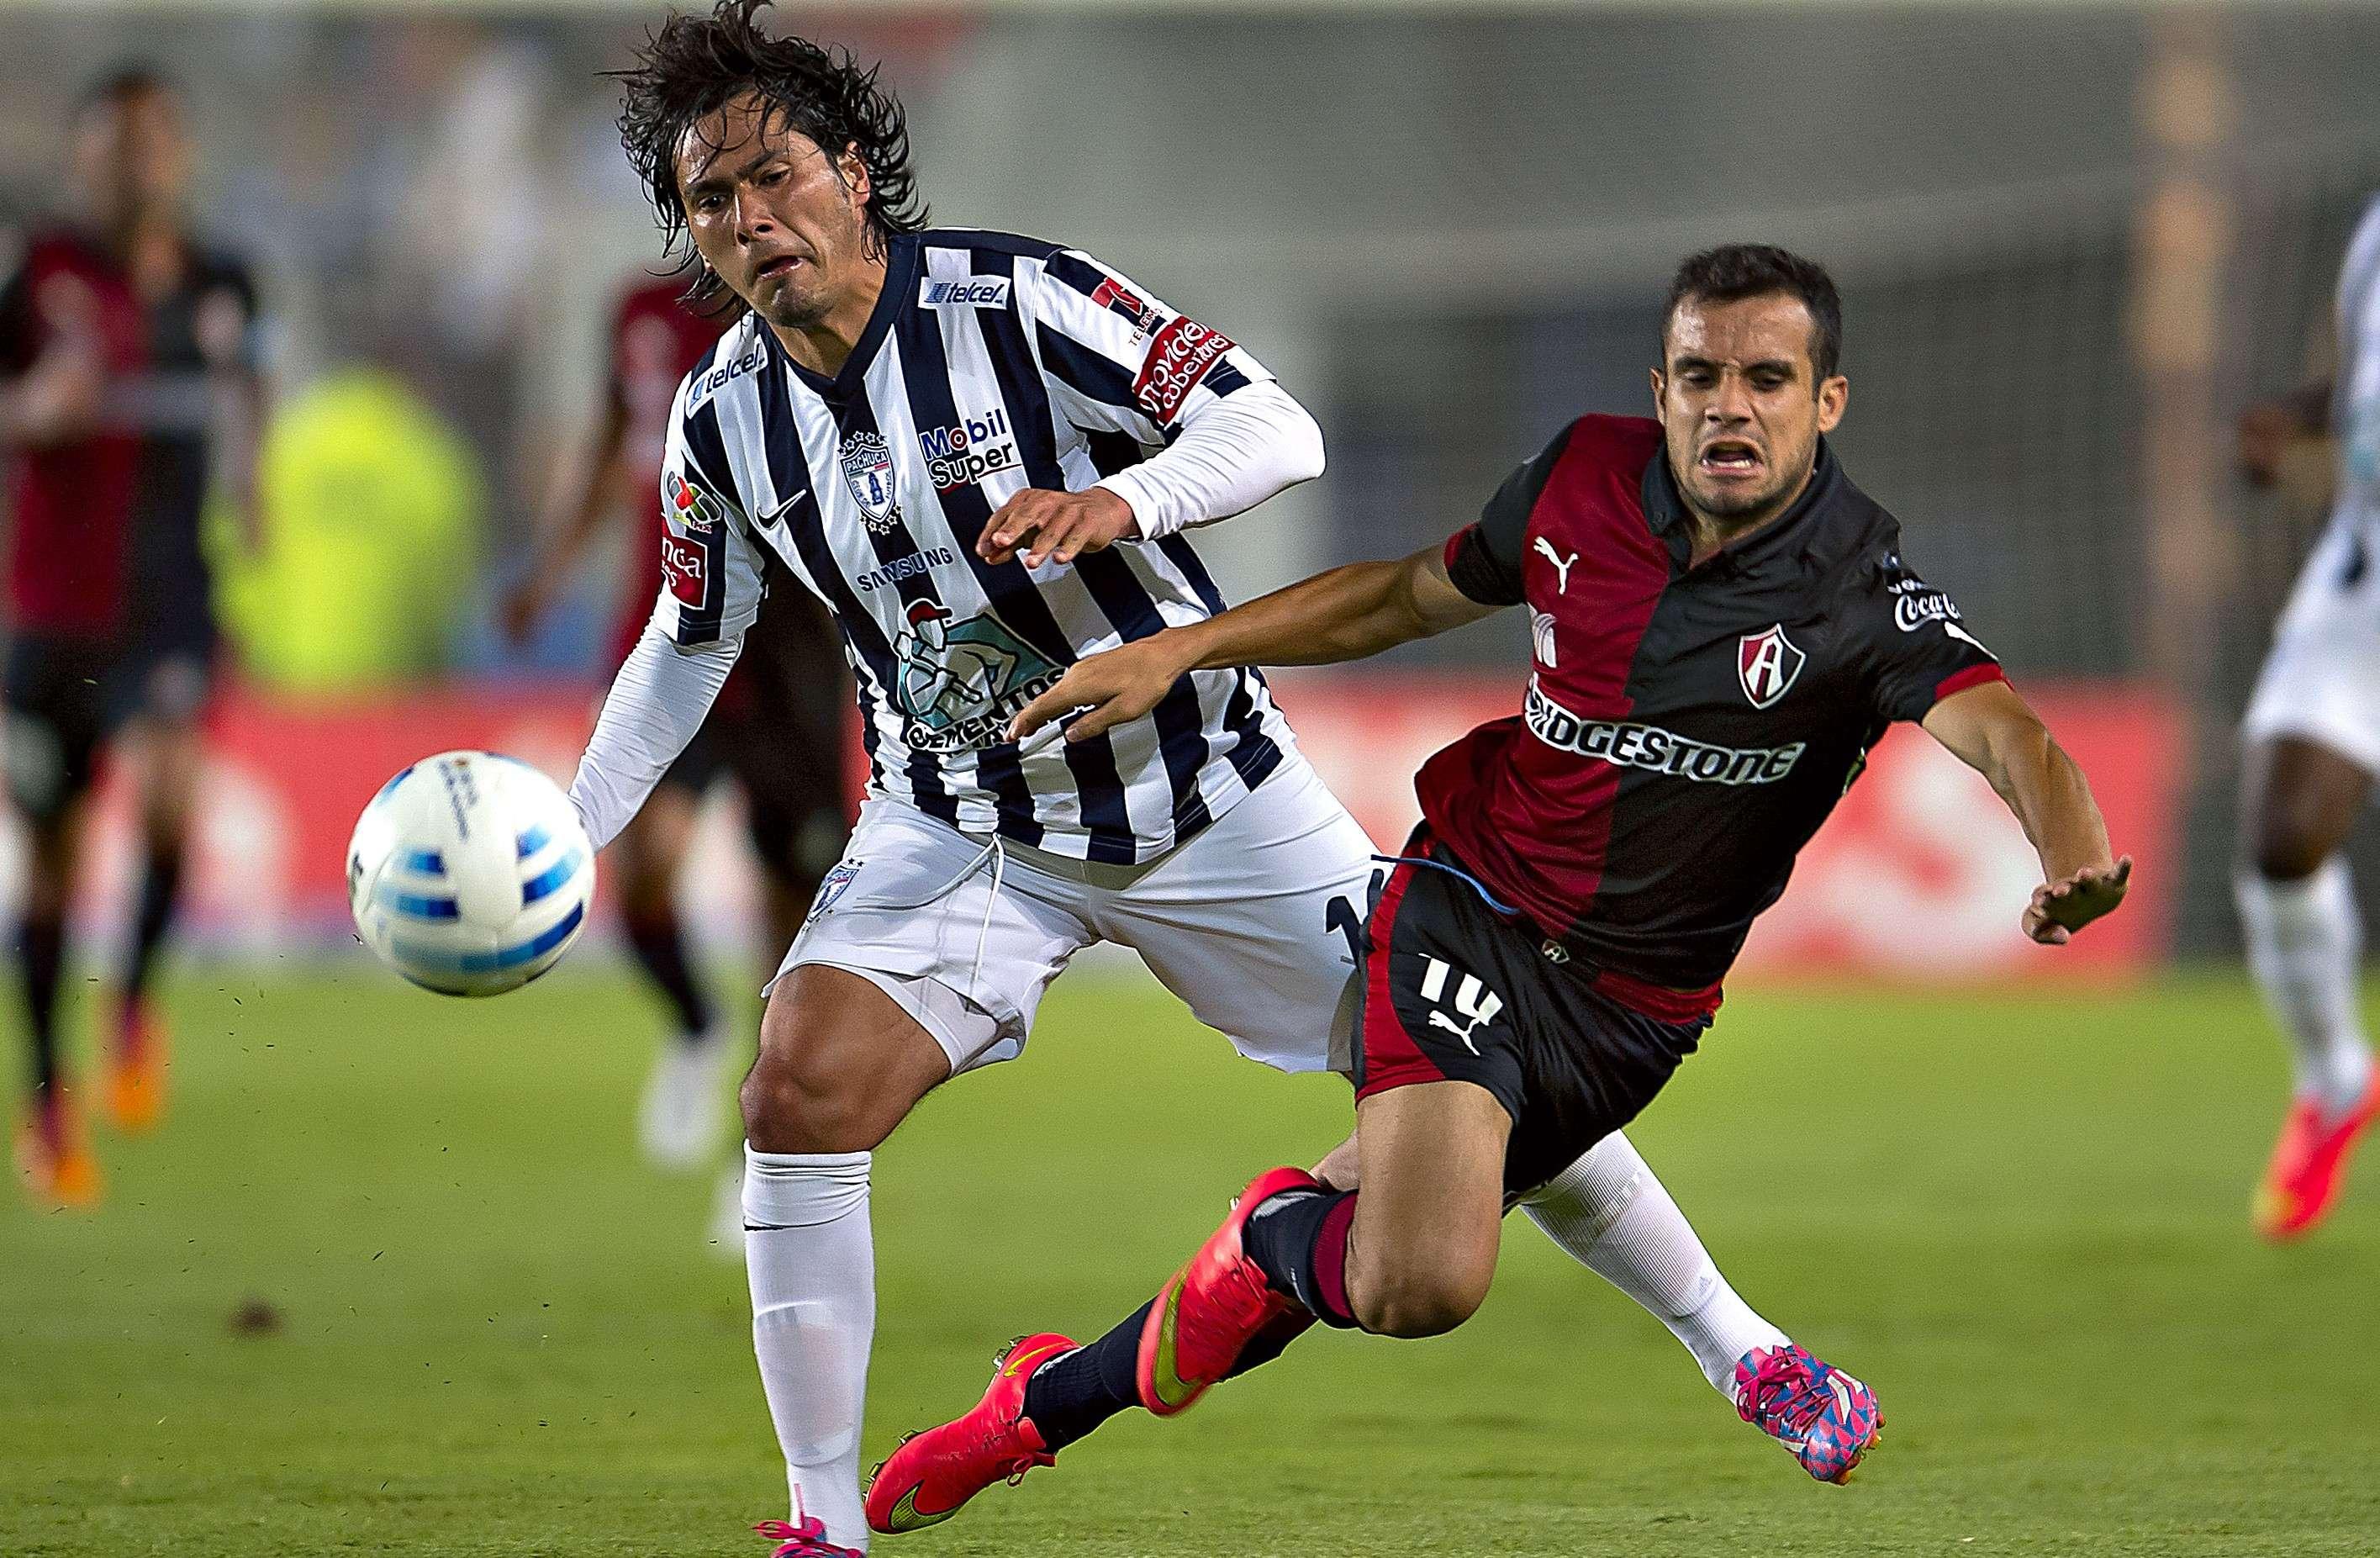 Con doblete de Matías Alustiza, Pachuca regresó a la senda de la victoria al vencer 2-0 a Atlas, que perdió el invicto en el torneo Apertura 2014, en duelo celebrado en el estadio Hidalgo. Foto: Mexsport